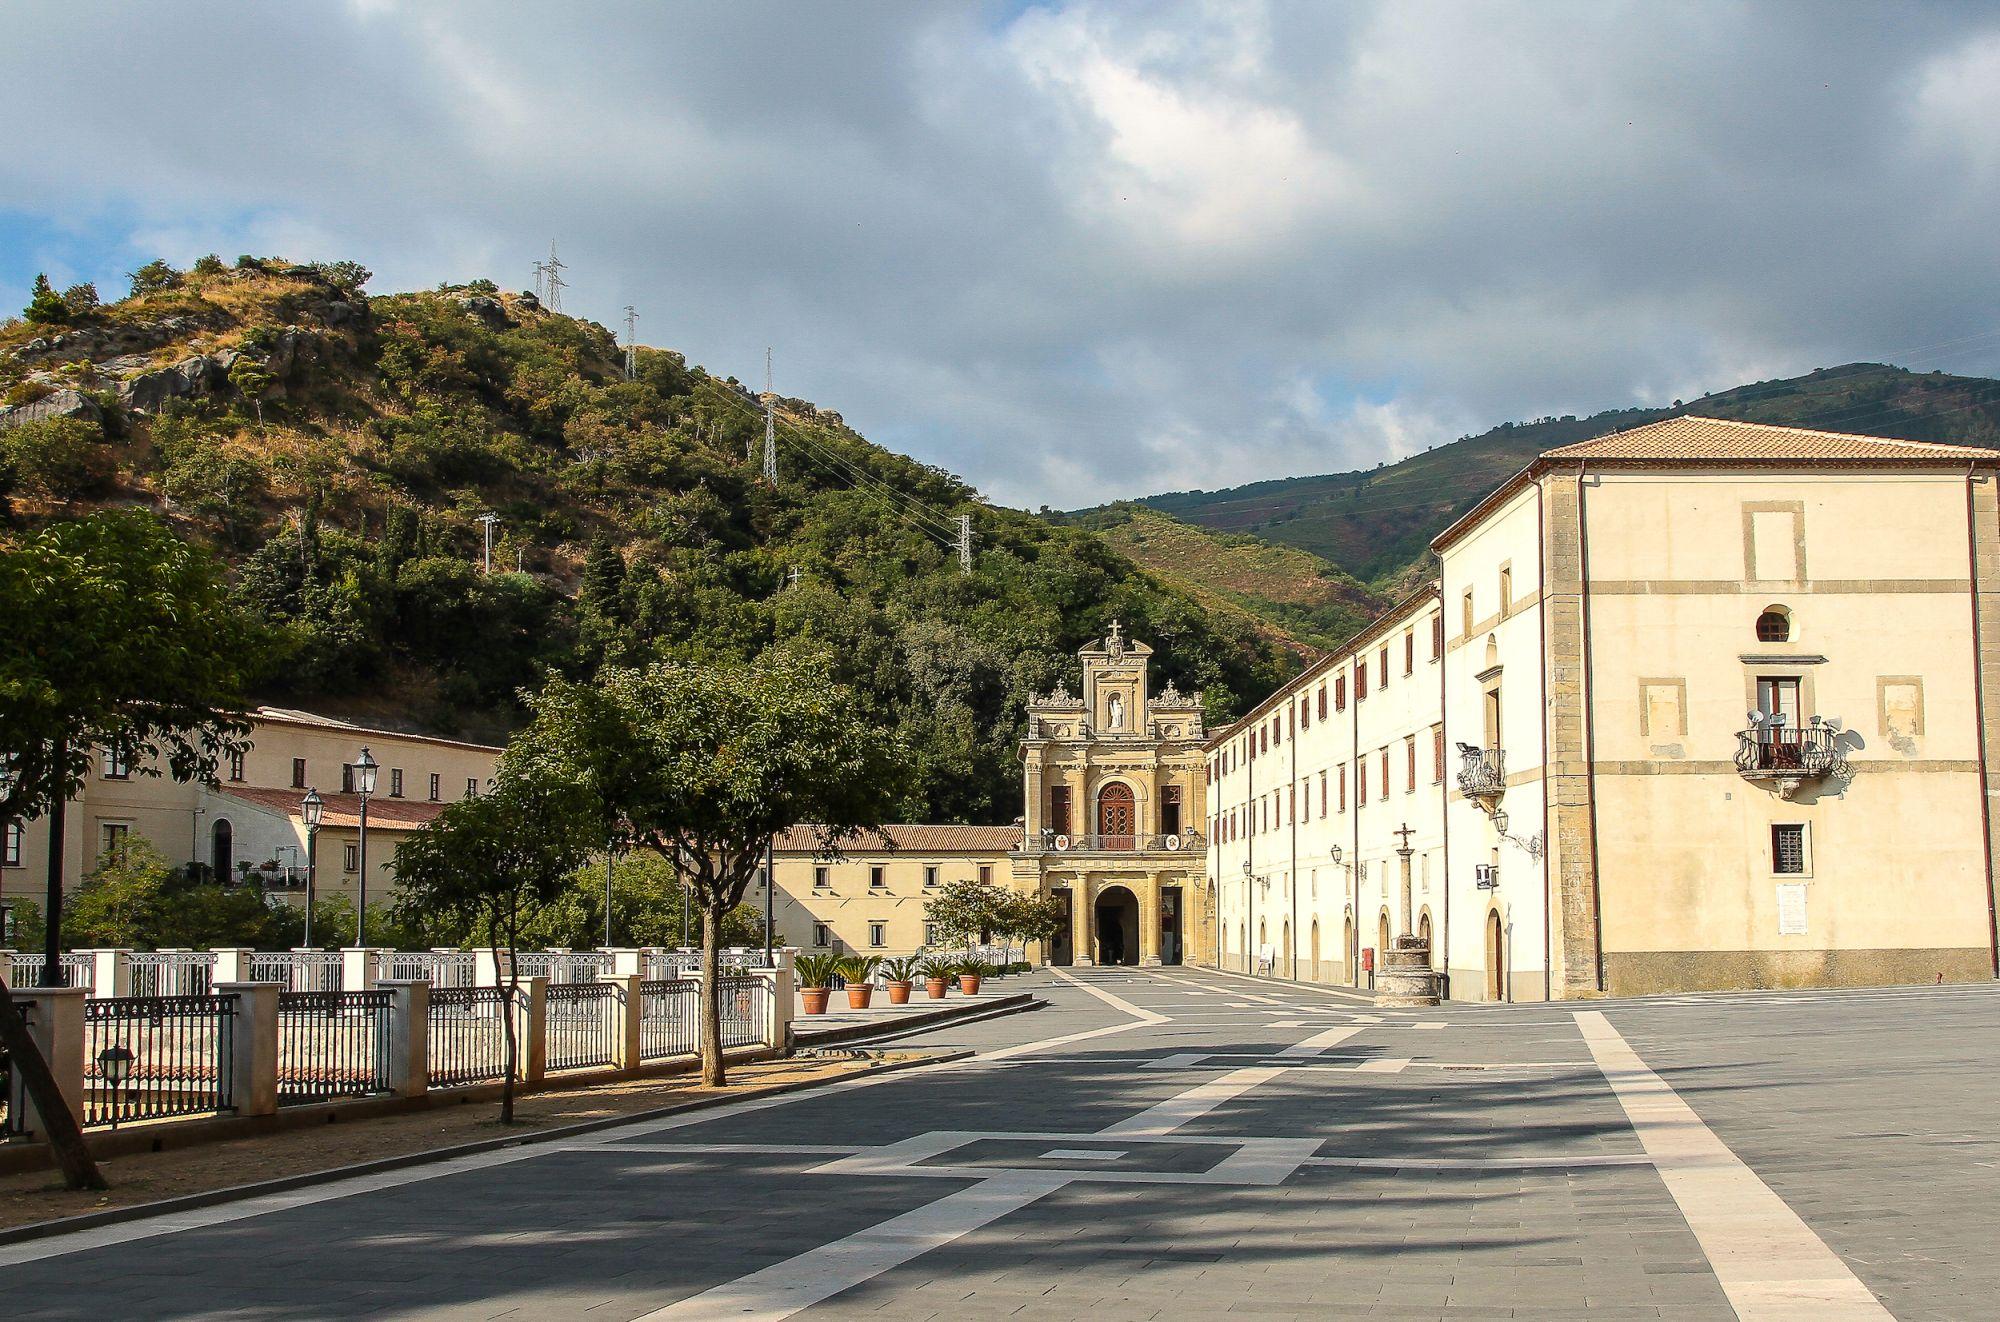 Basilica Paola